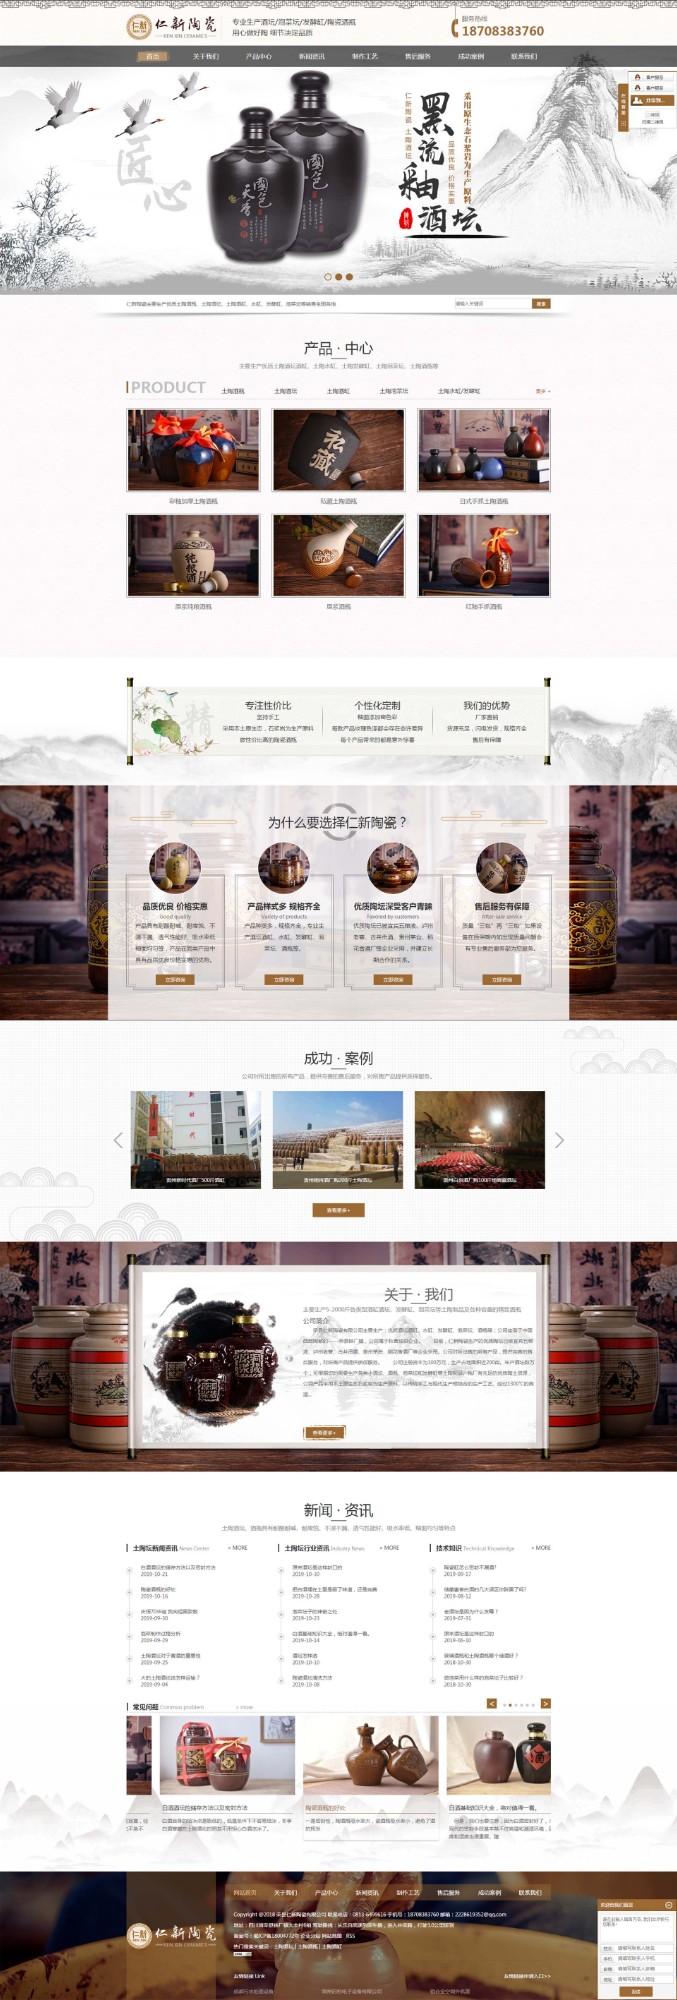 荣县仁新陶瓷网站建设